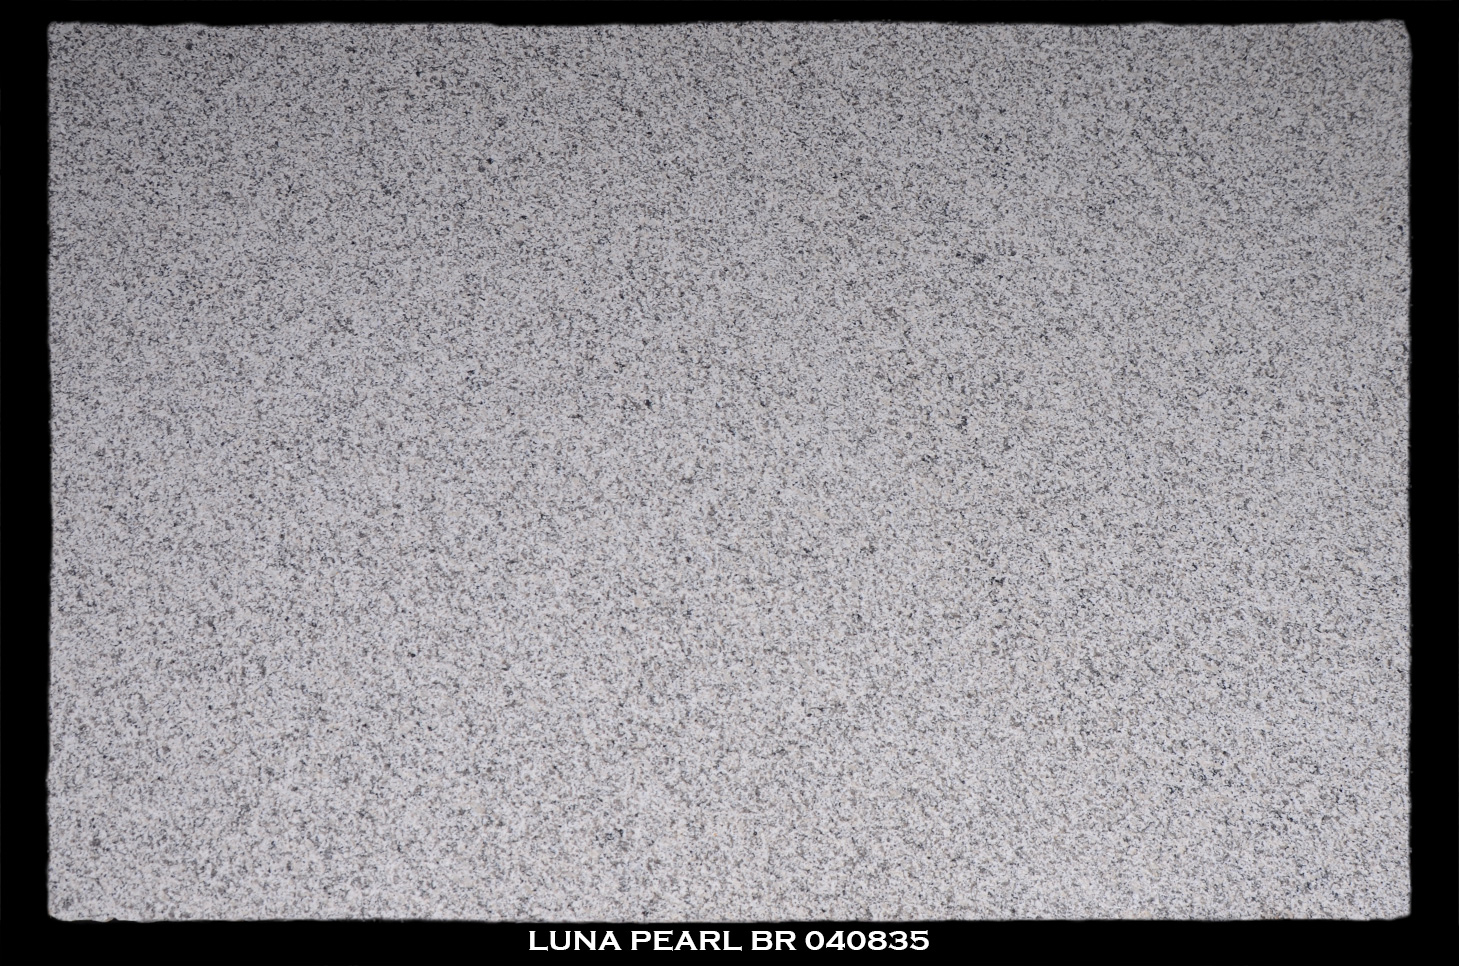 luna-pearl-br-040835-slab